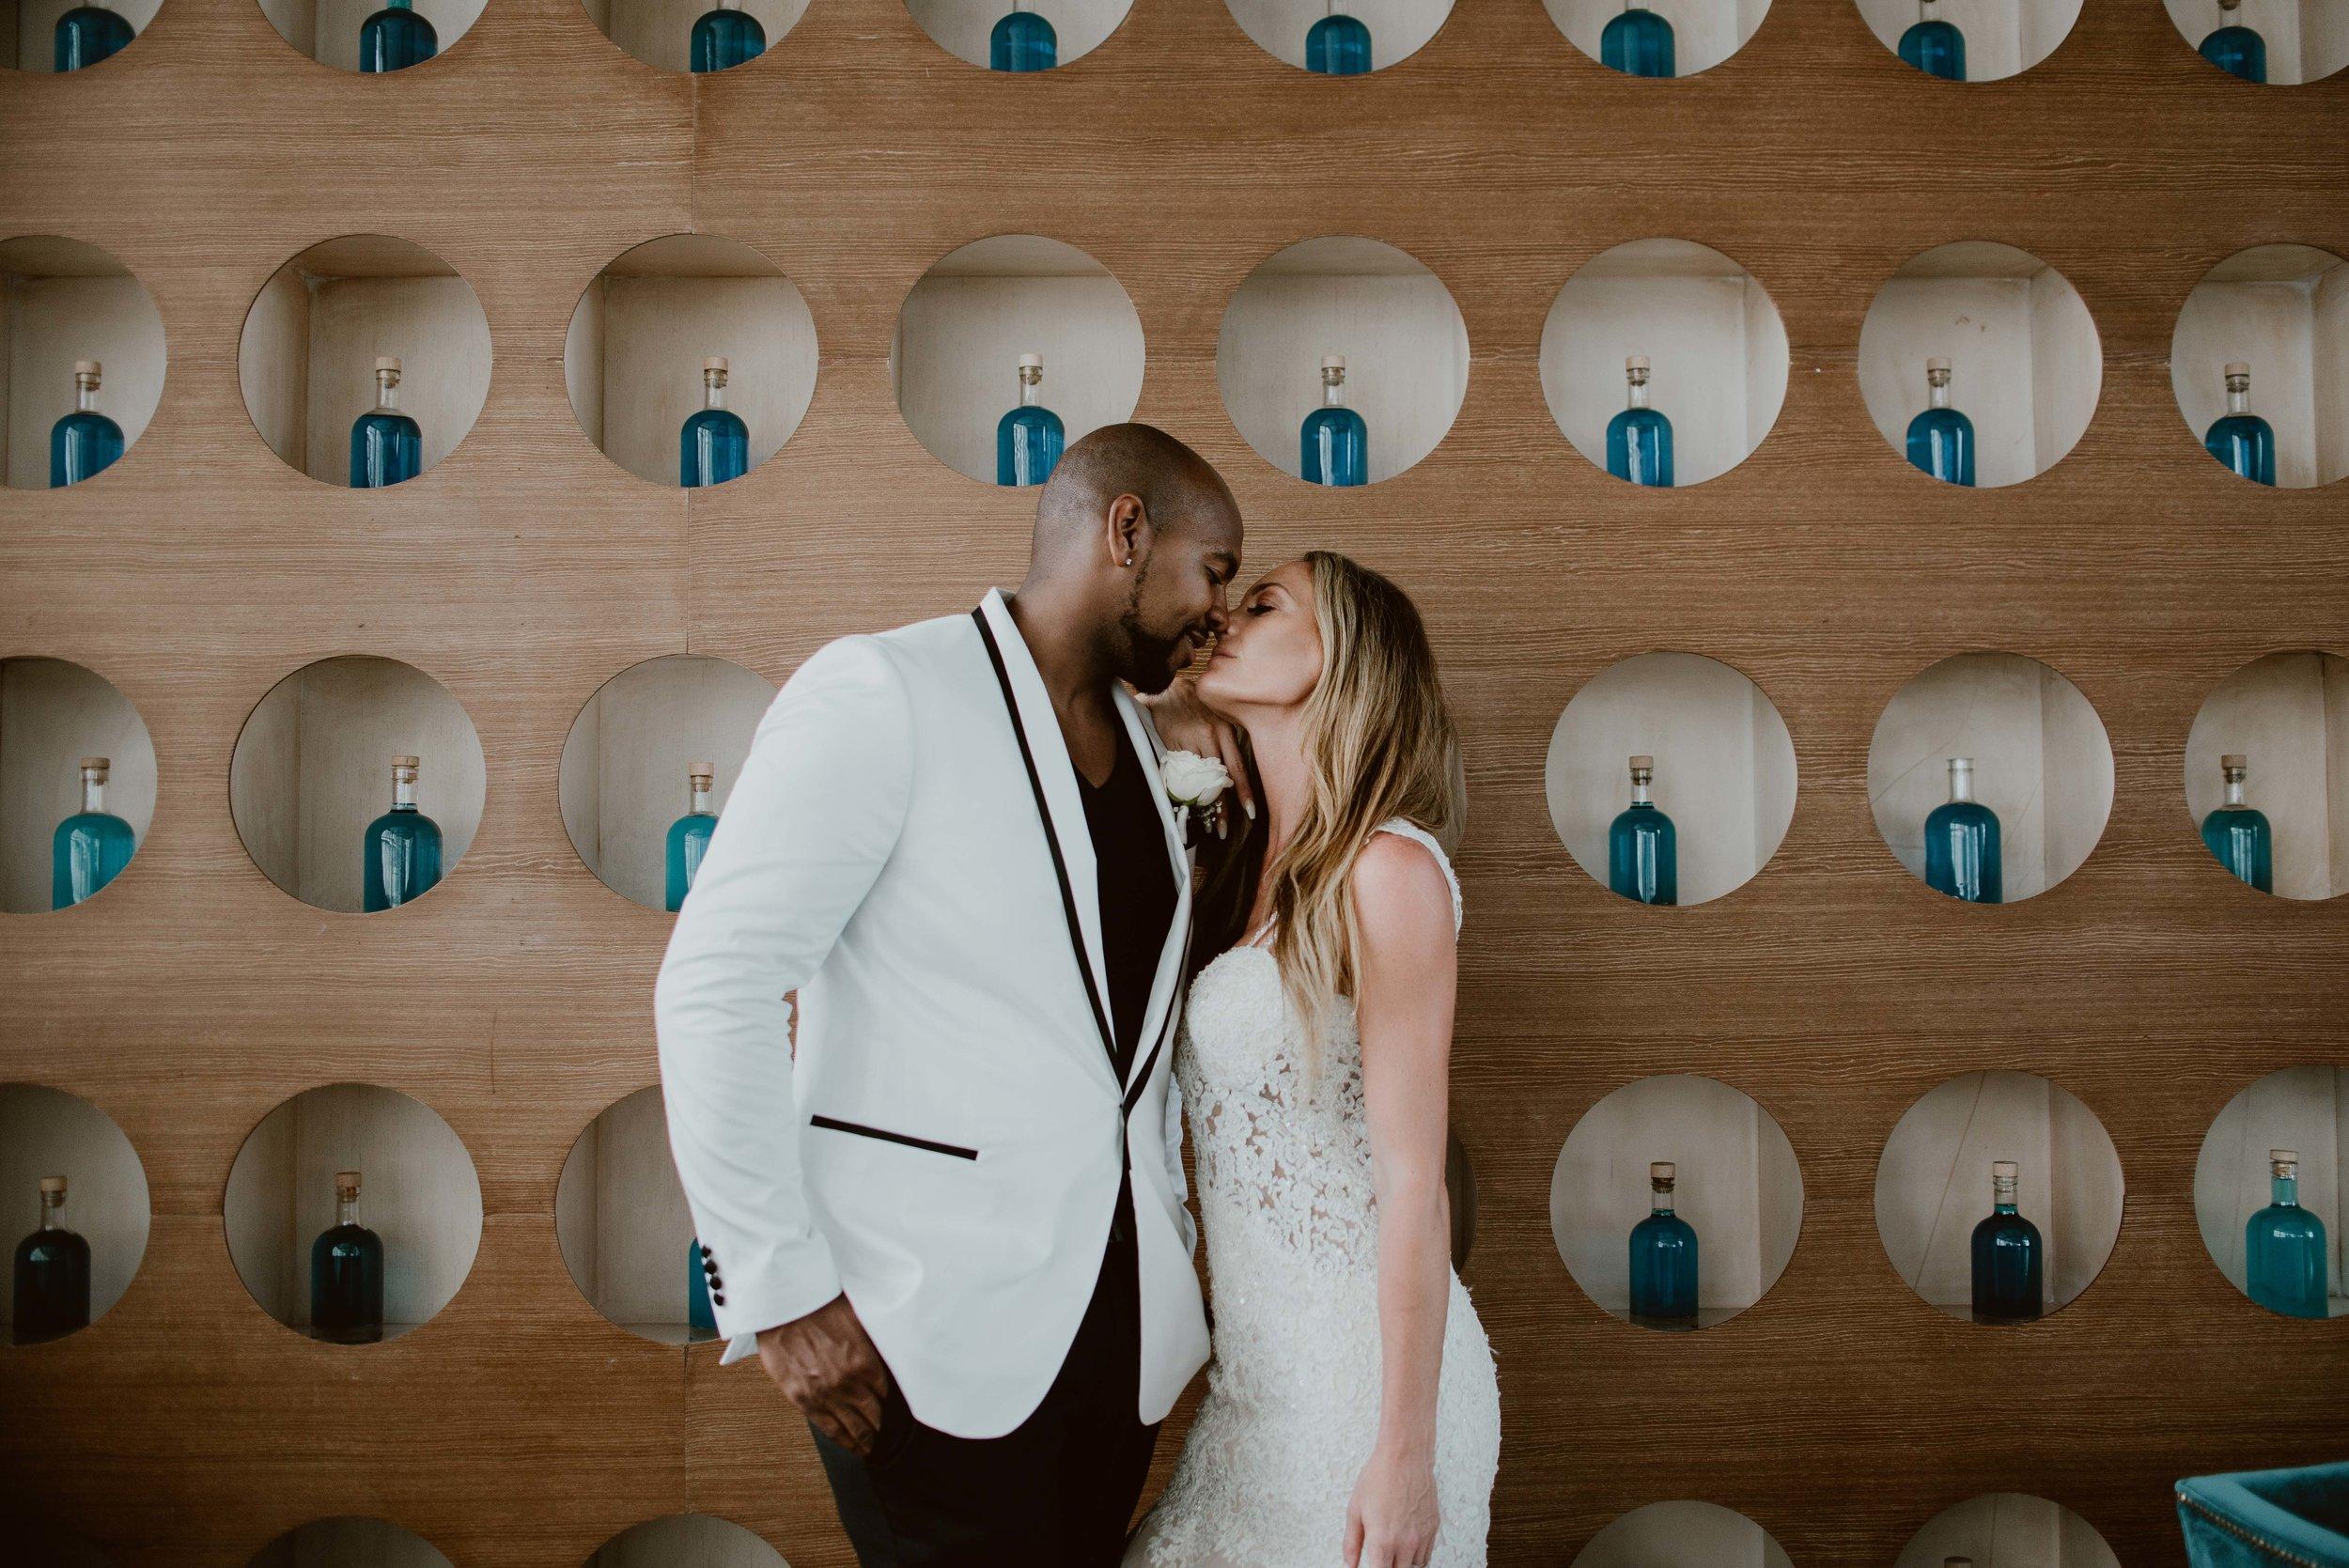 Alex+Cameron Wedding-238.jpg